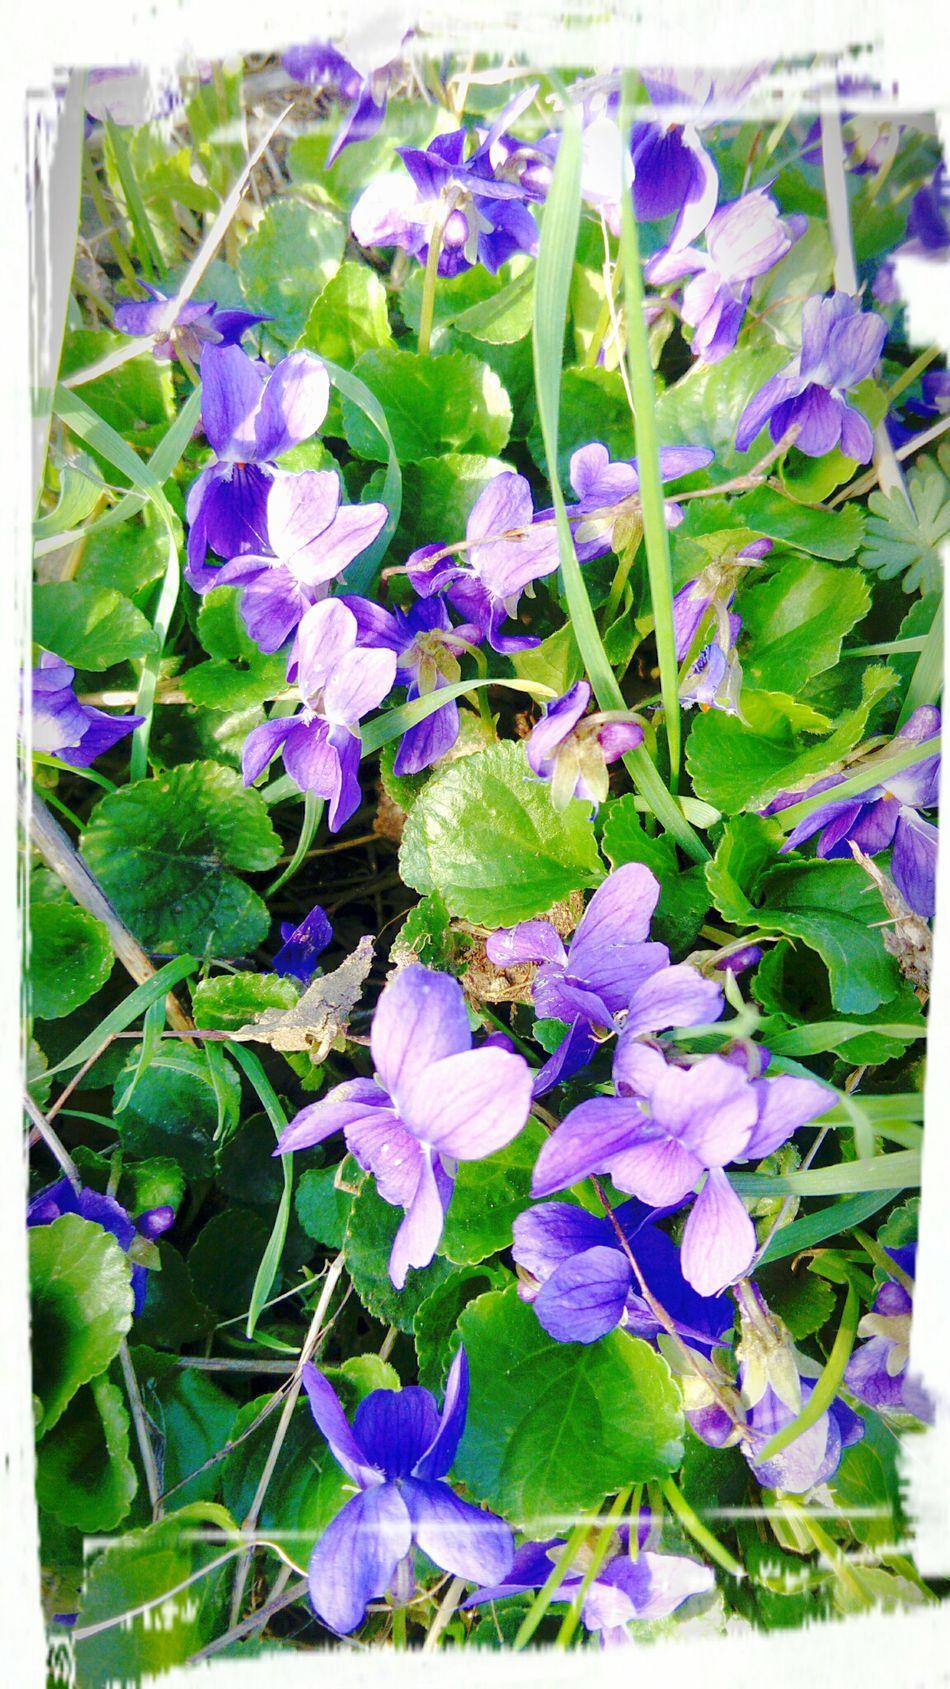 Venez promener votre nez délicat sur ces délicieuses violettes Nature Purple Flower Beauty In Nature Freshness Fragility Flower Head Thinkpositive Naturemakesmehappy Nature Makes Me Smile